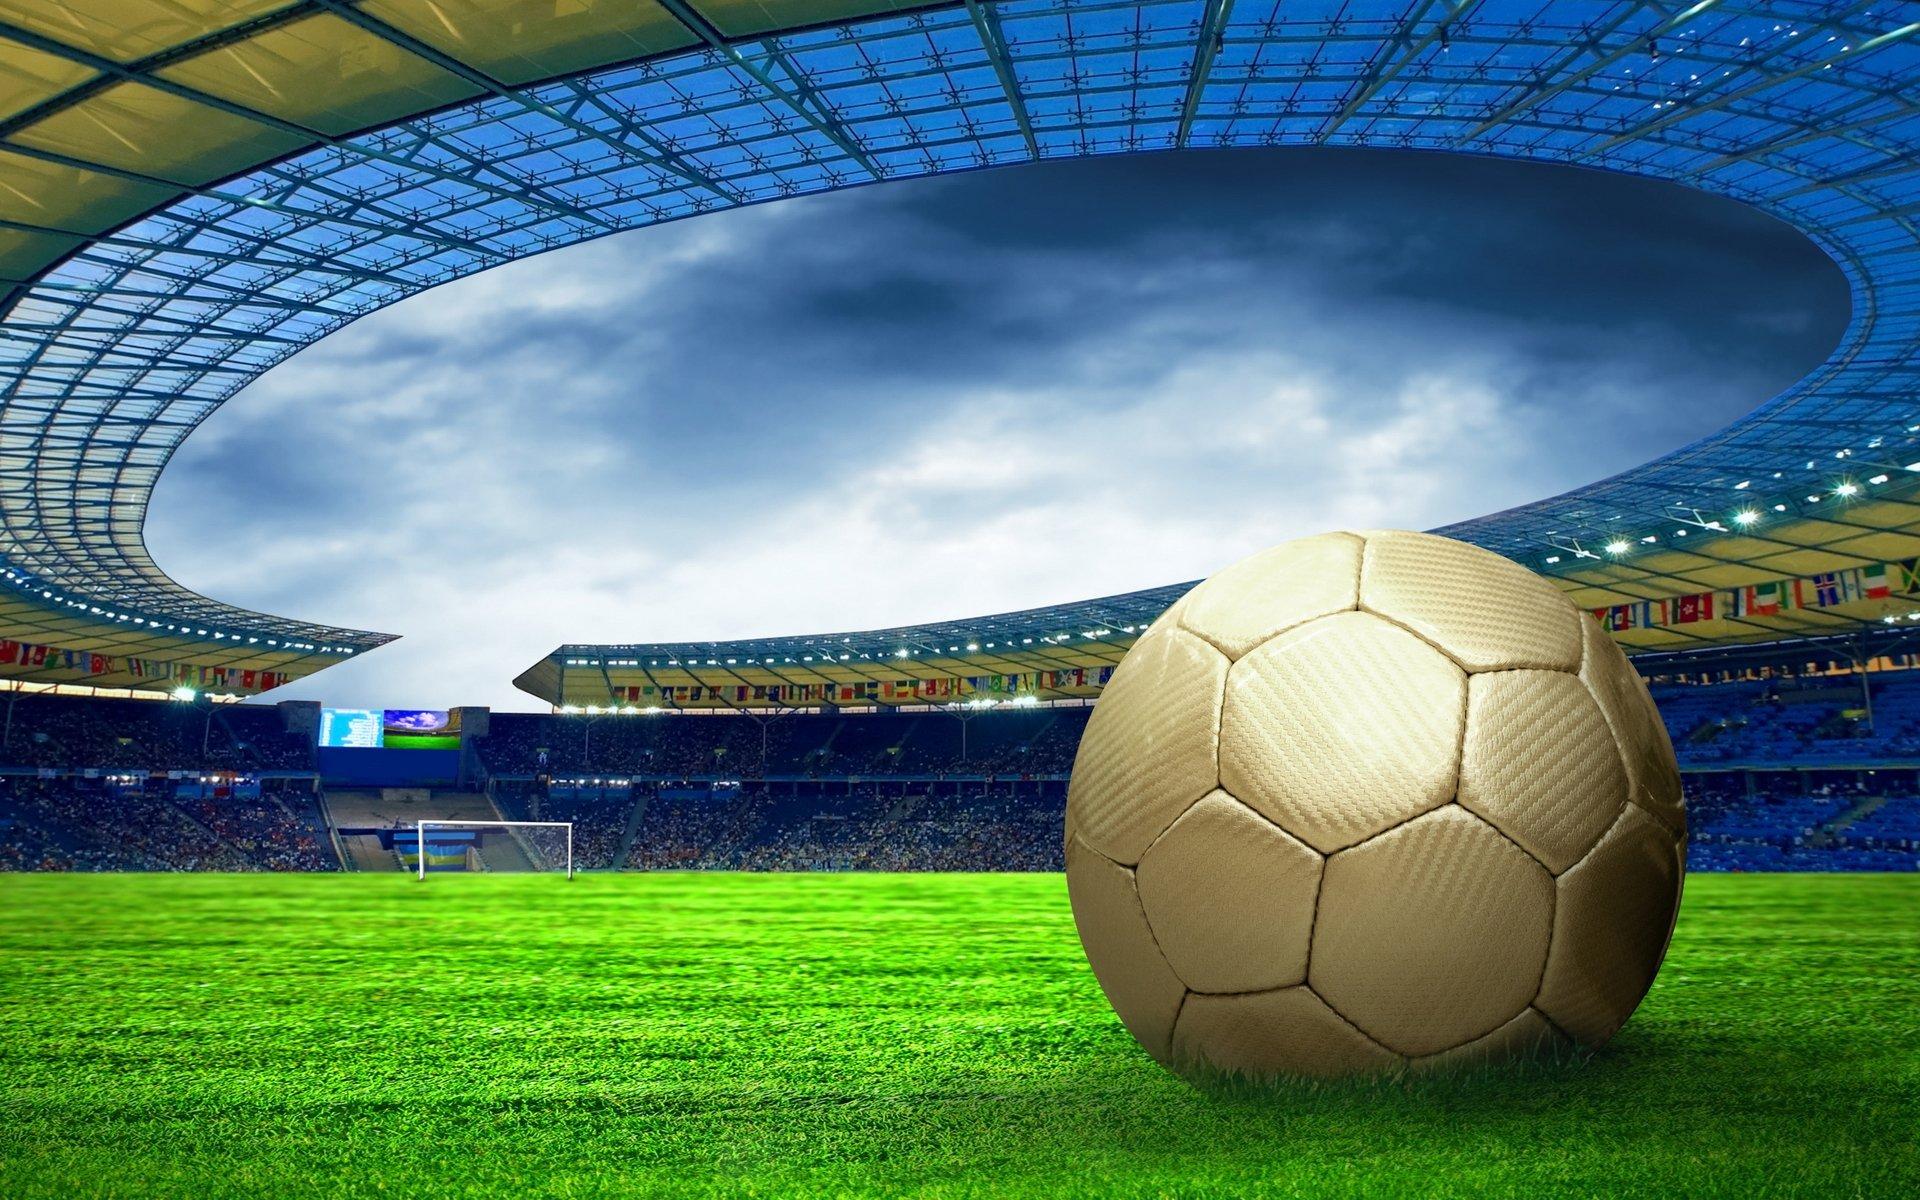 букмекерские прогнозы на футбол янгиликлари